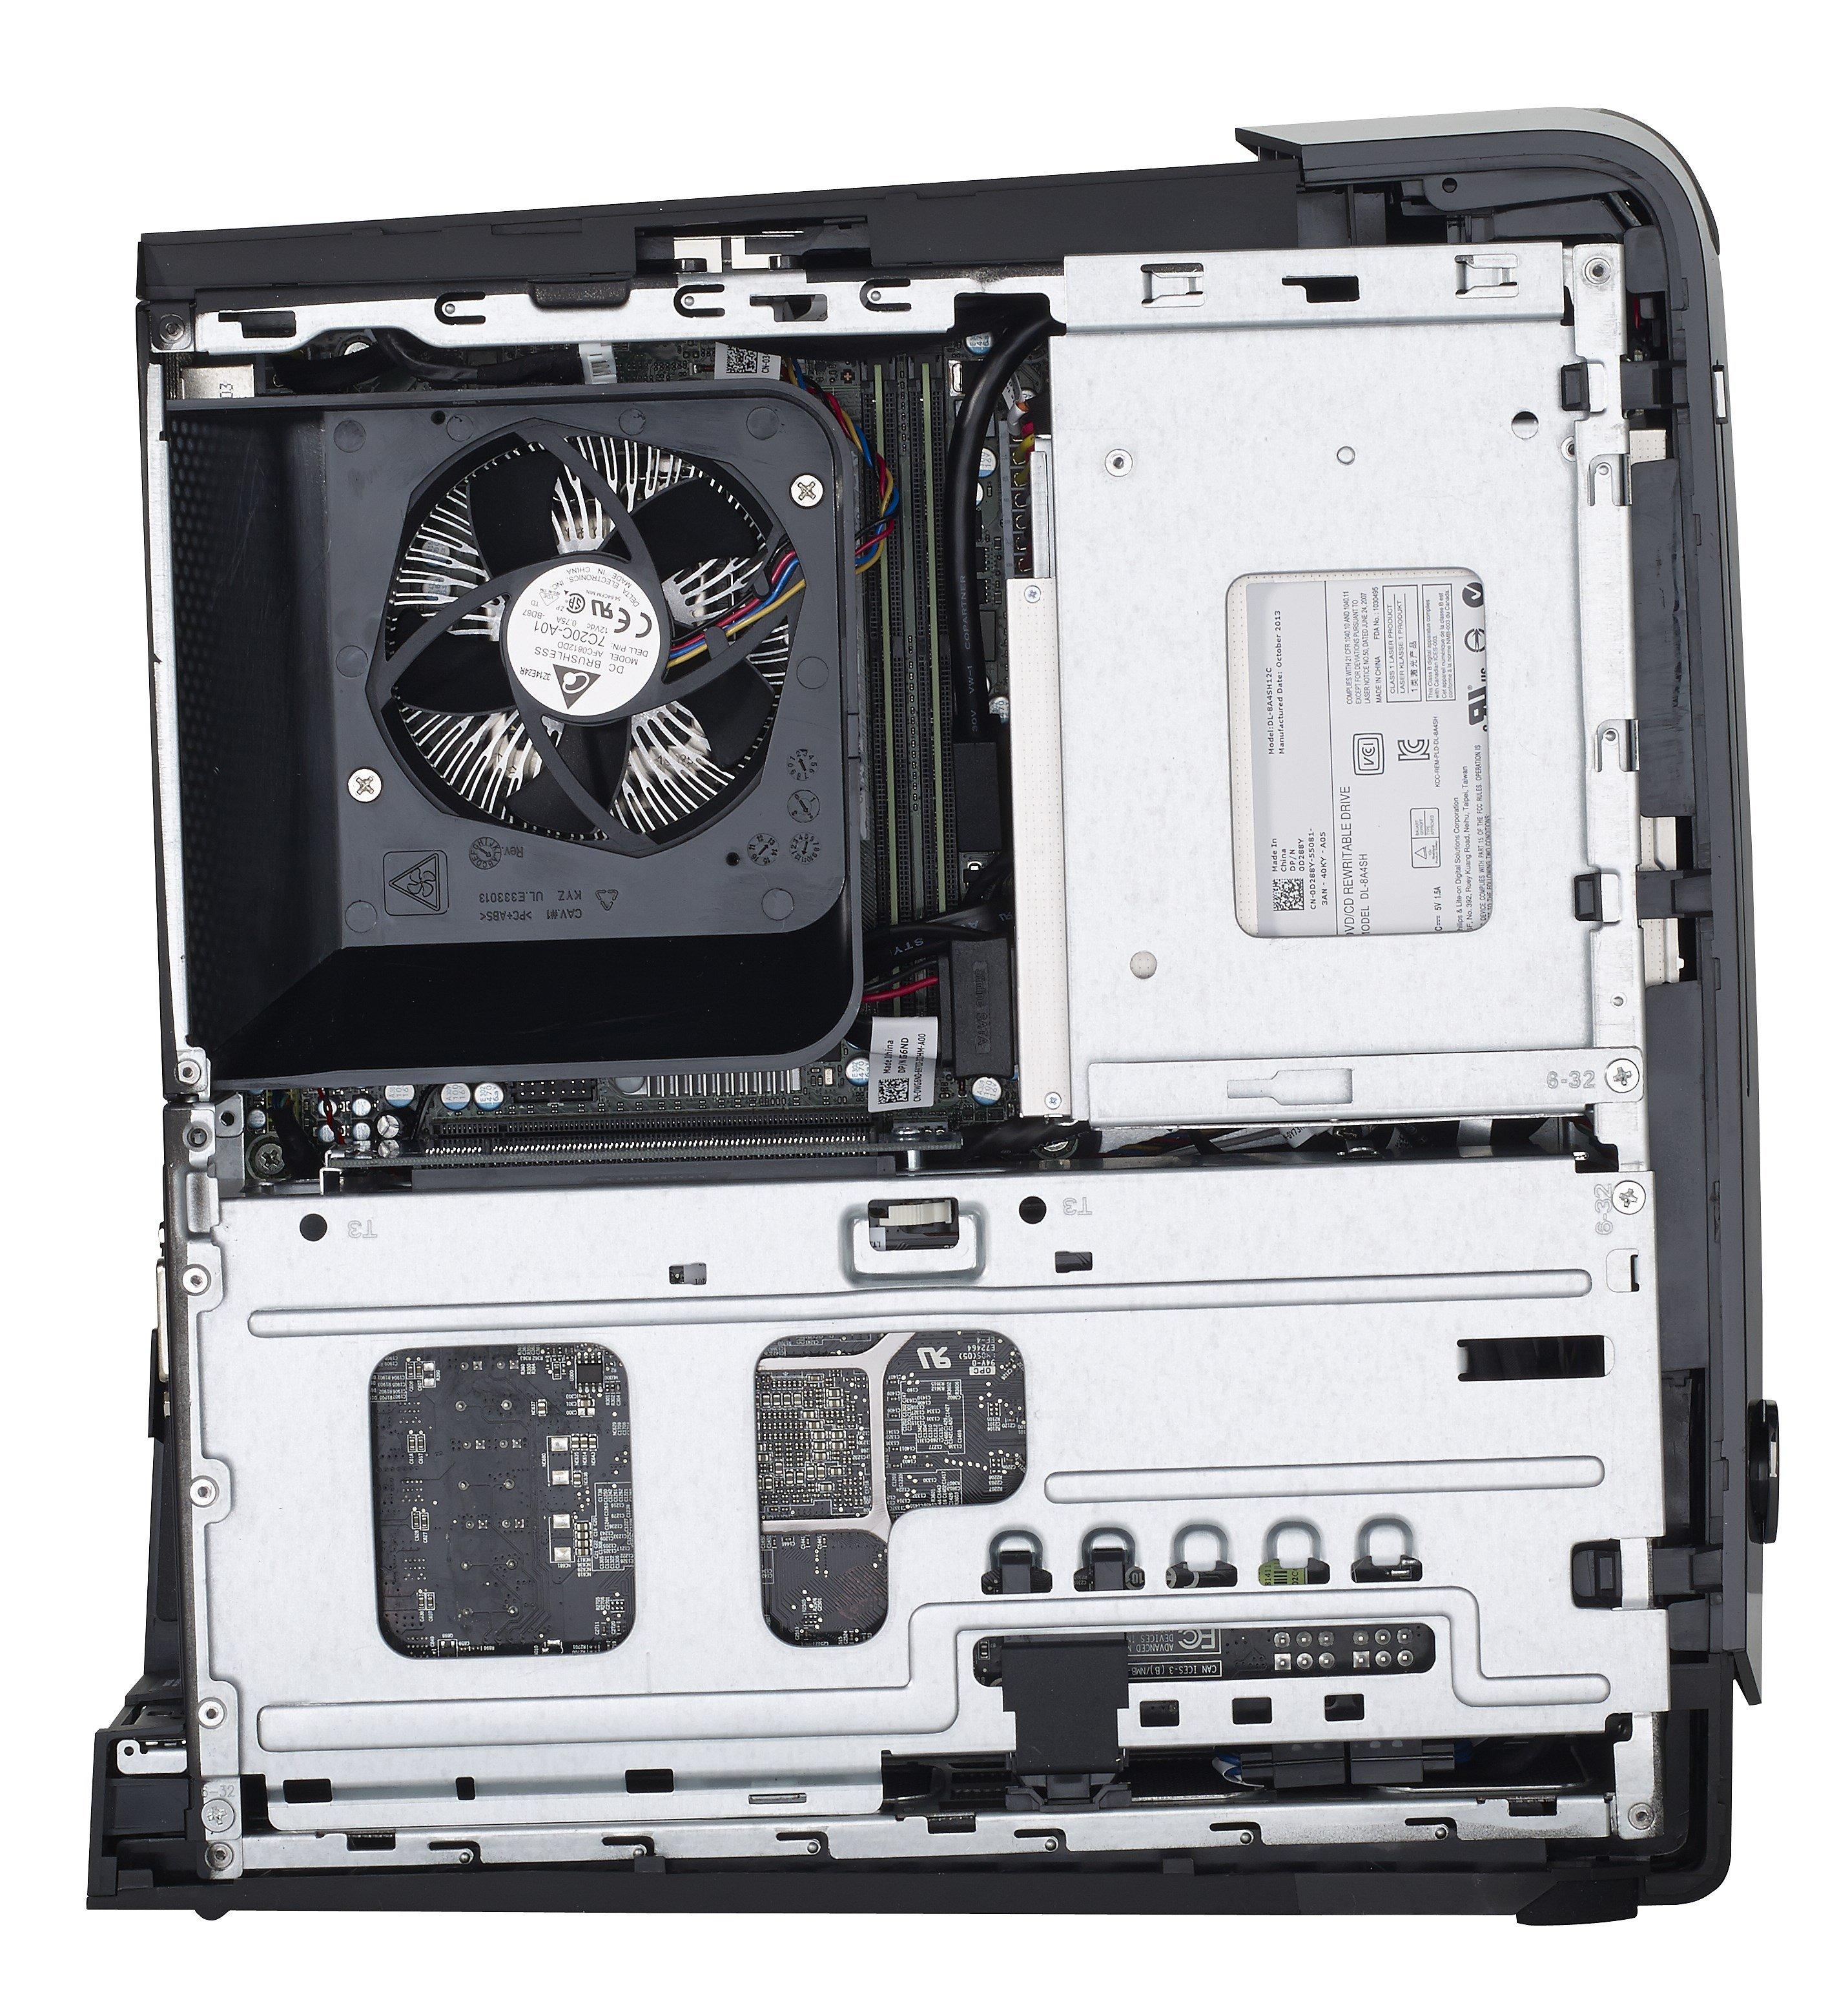 Dell Alienware X51 R2 AMD Radeon Graphics Driver PC